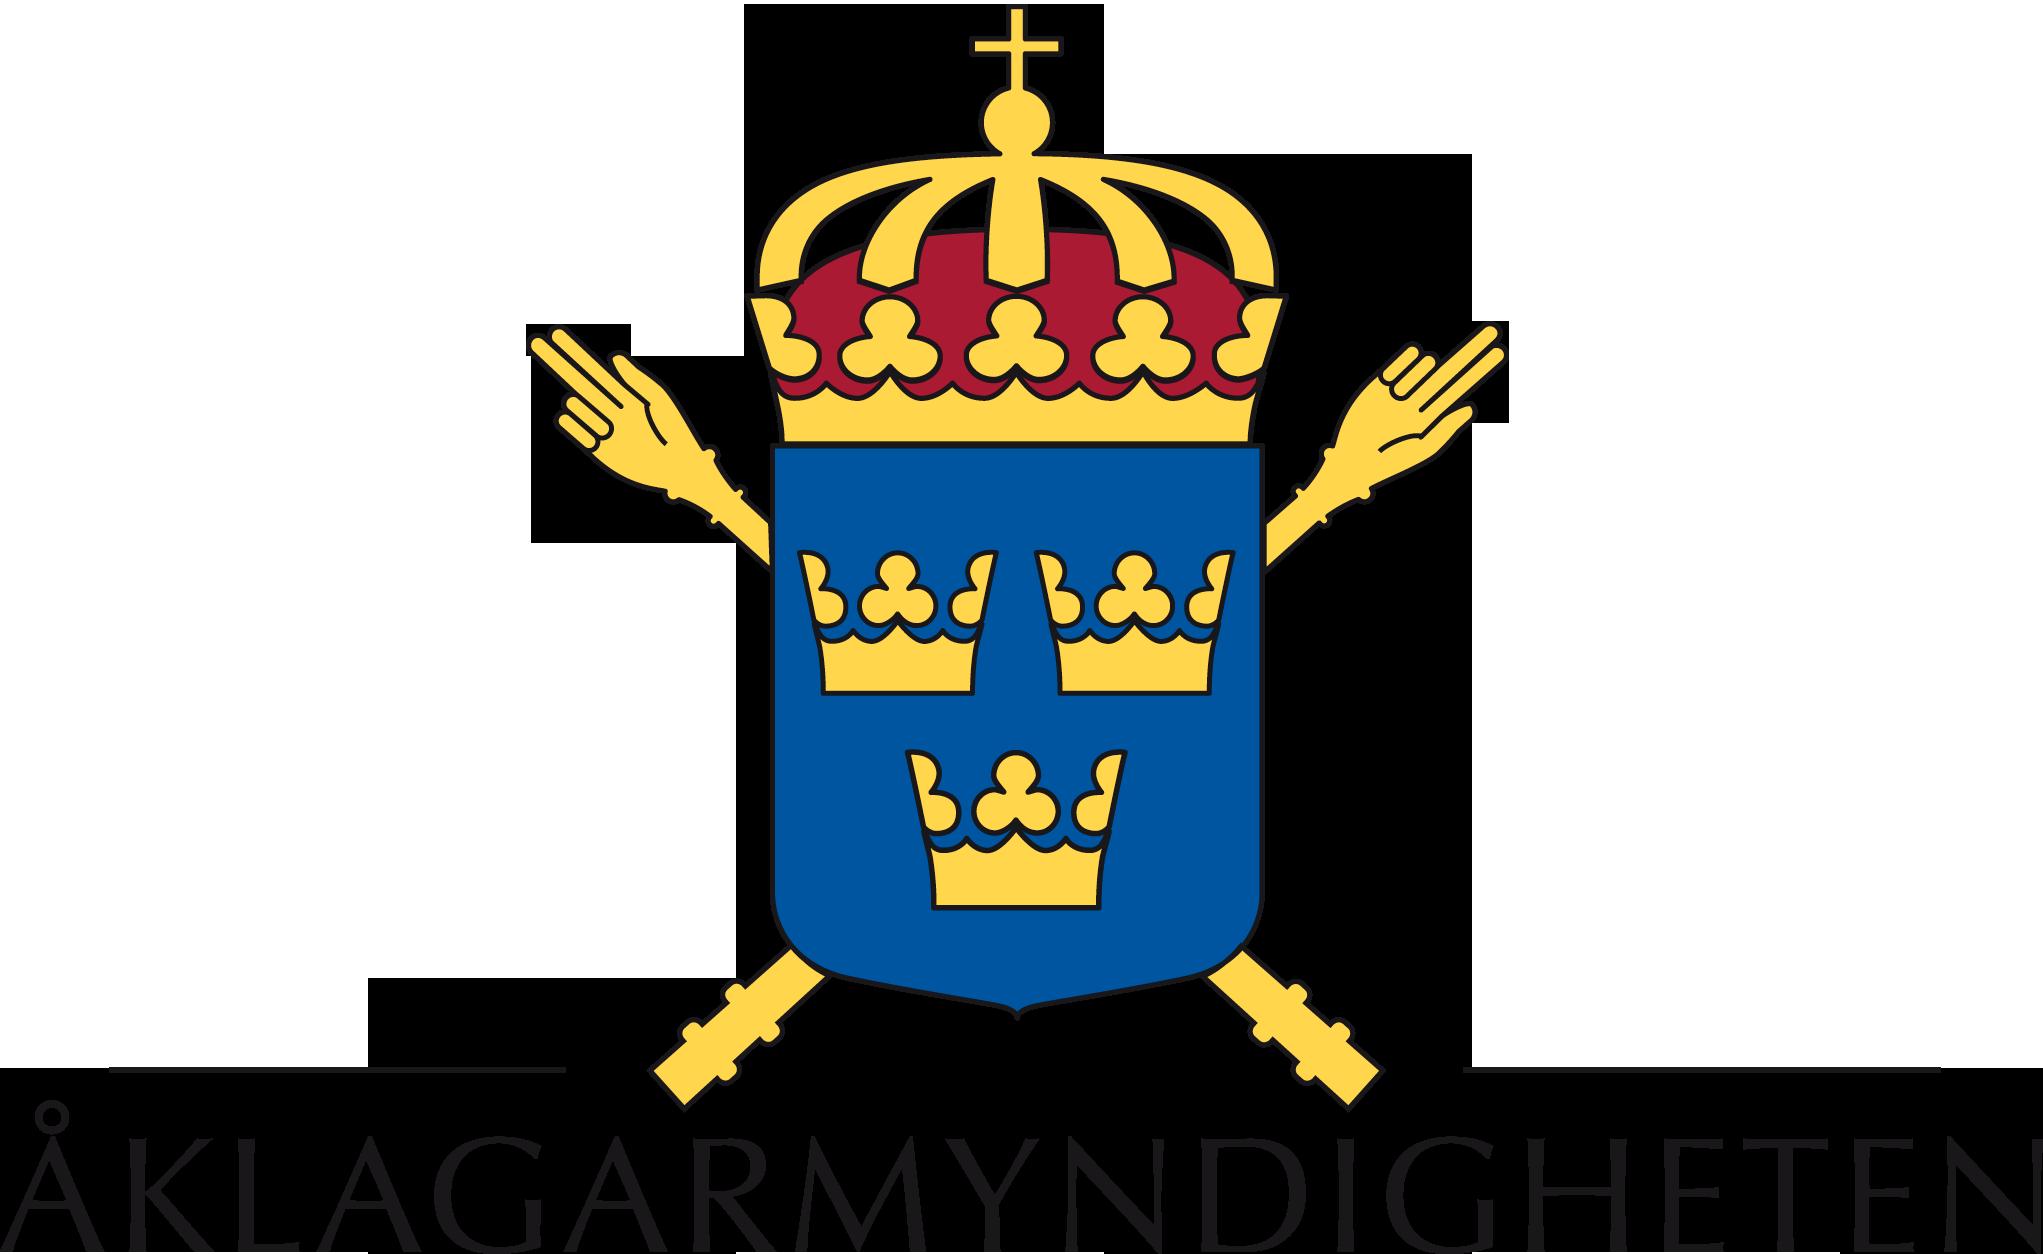 polisen logotyp